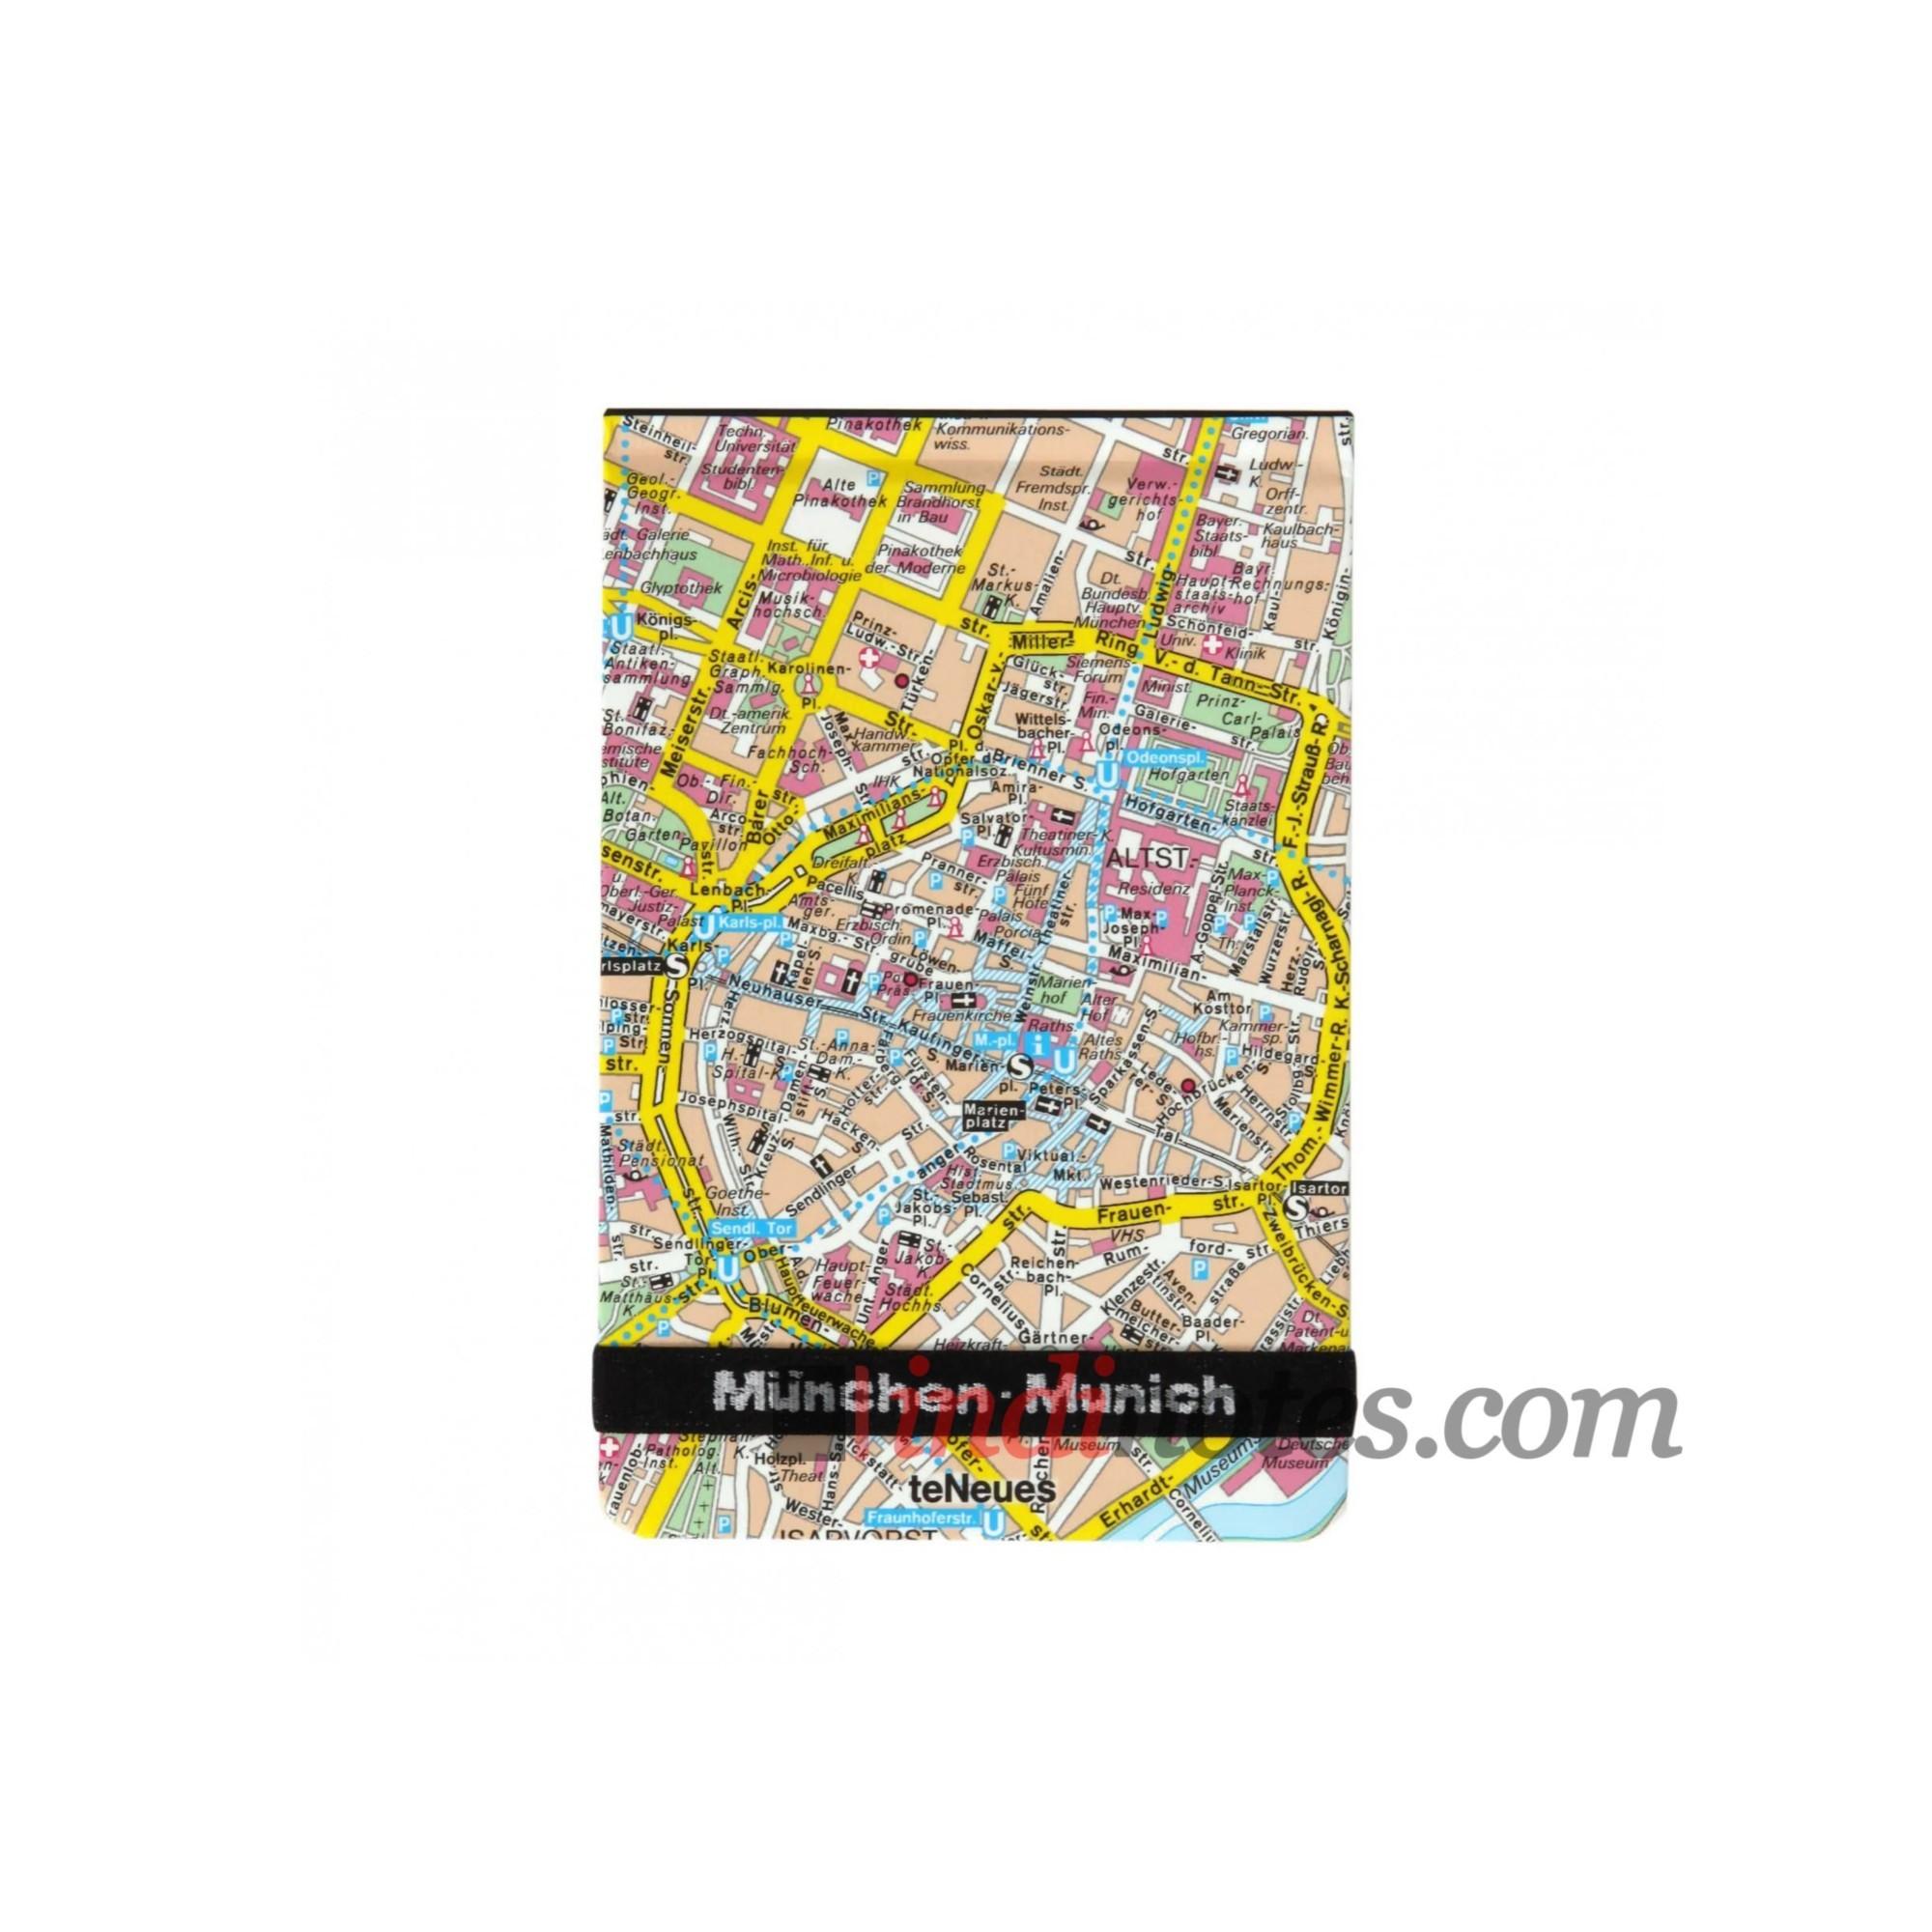 Блокнот City Flip Pad — Munchen от teNeues